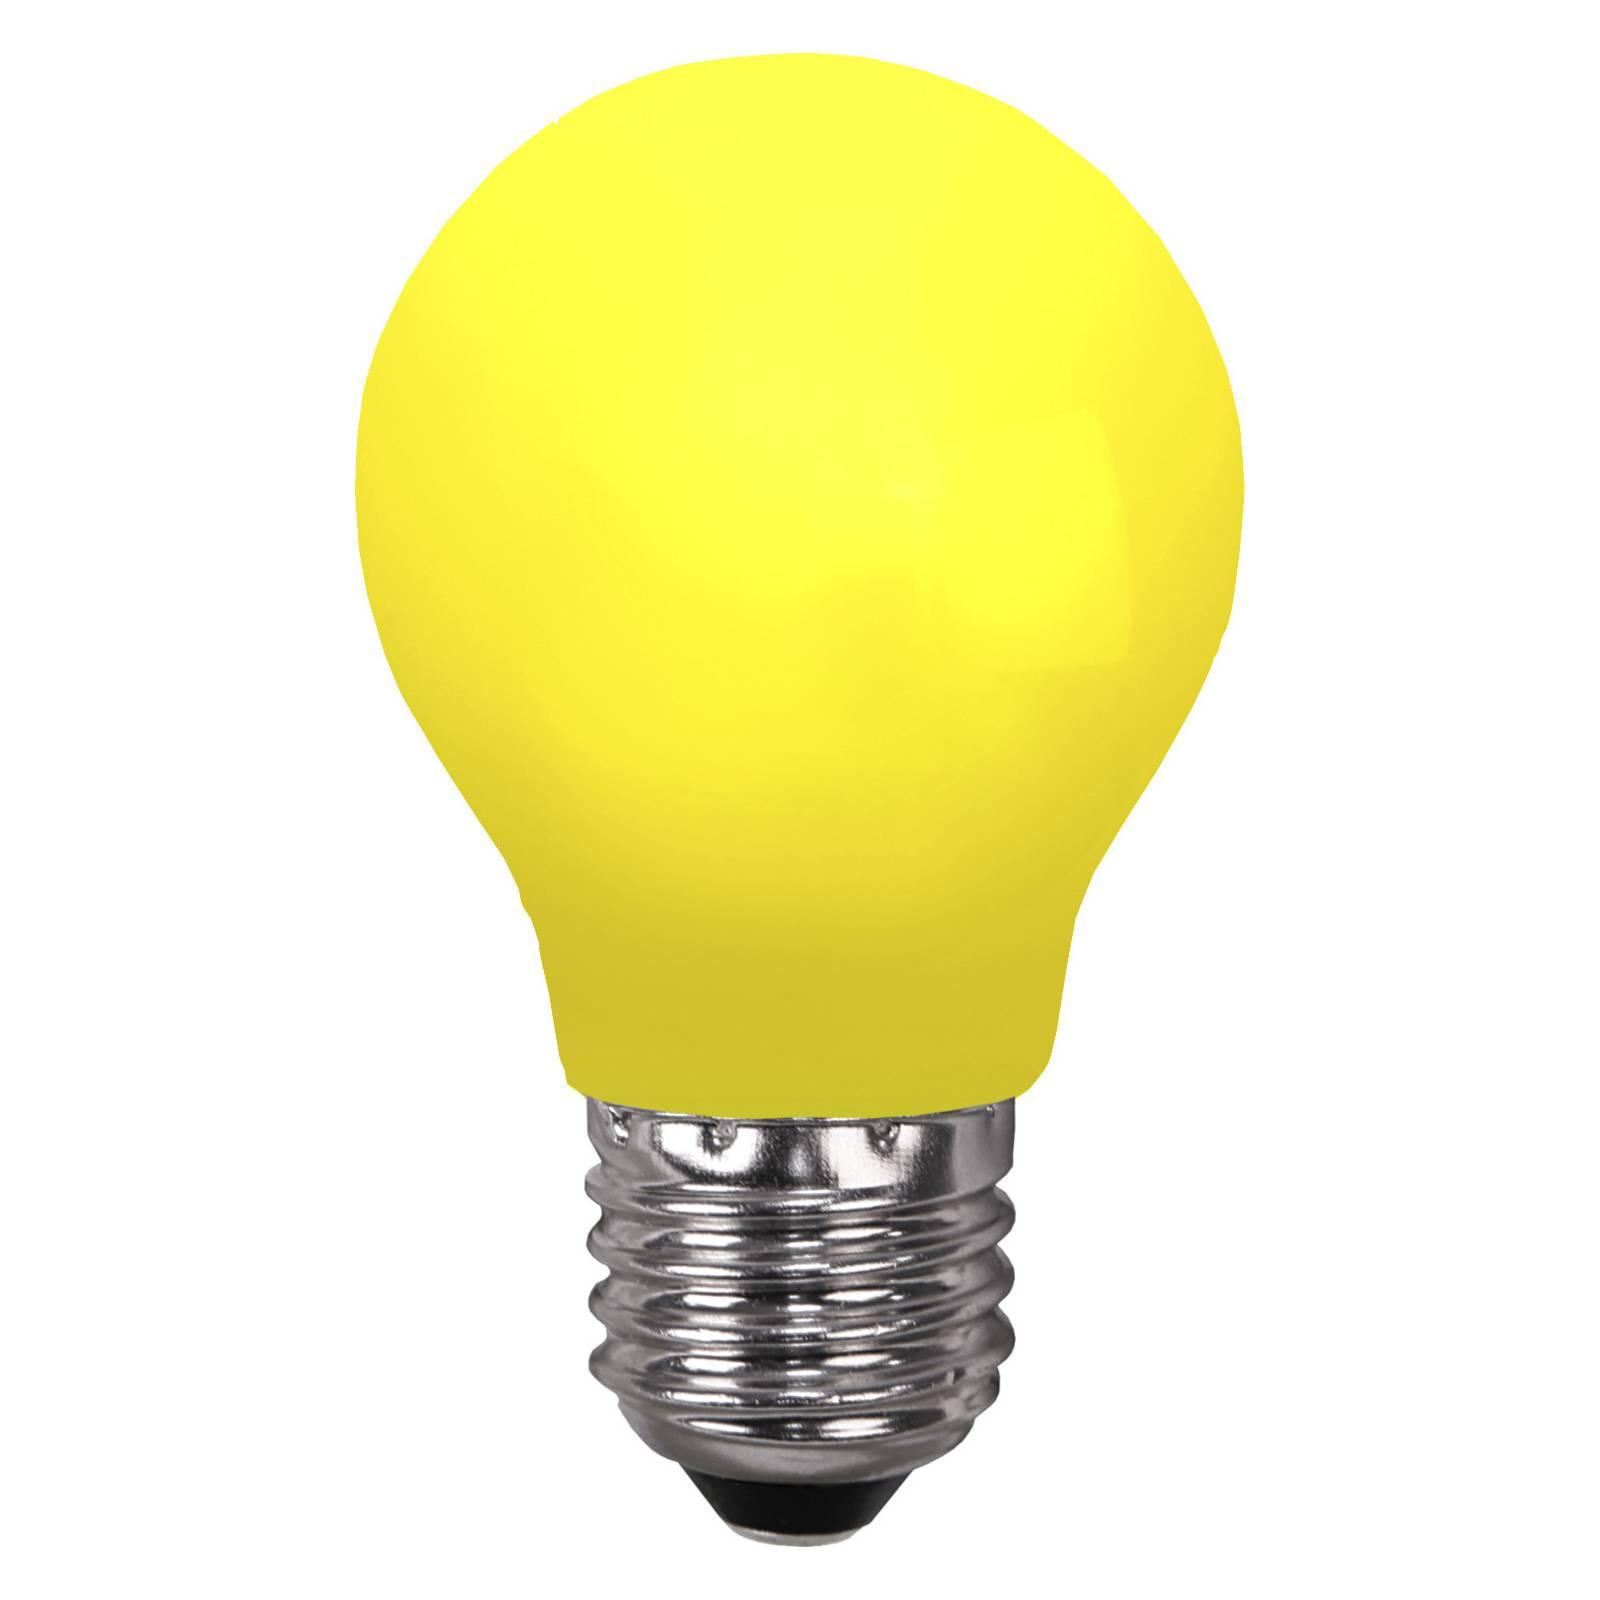 LED-lamppu E27 valoketjuihin, murtumaton keltainen